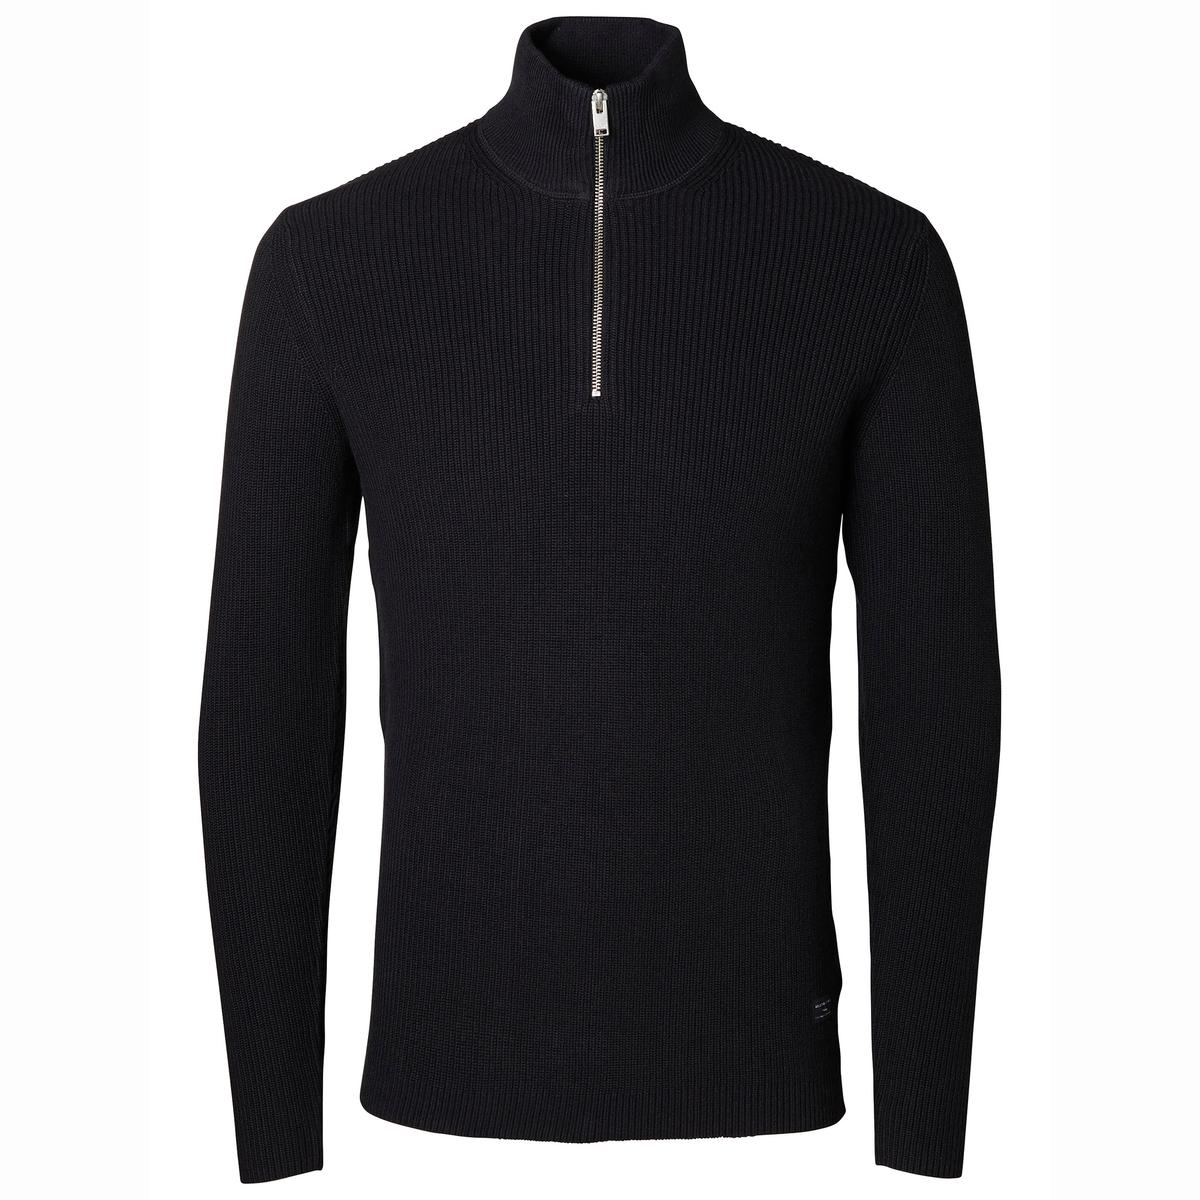 Пуловер с высоким воротником - BonnСостав и описание:Материал: 100% чесаного хлопка.Марка: SELECTED HOMME.<br><br>Цвет: темно-синий